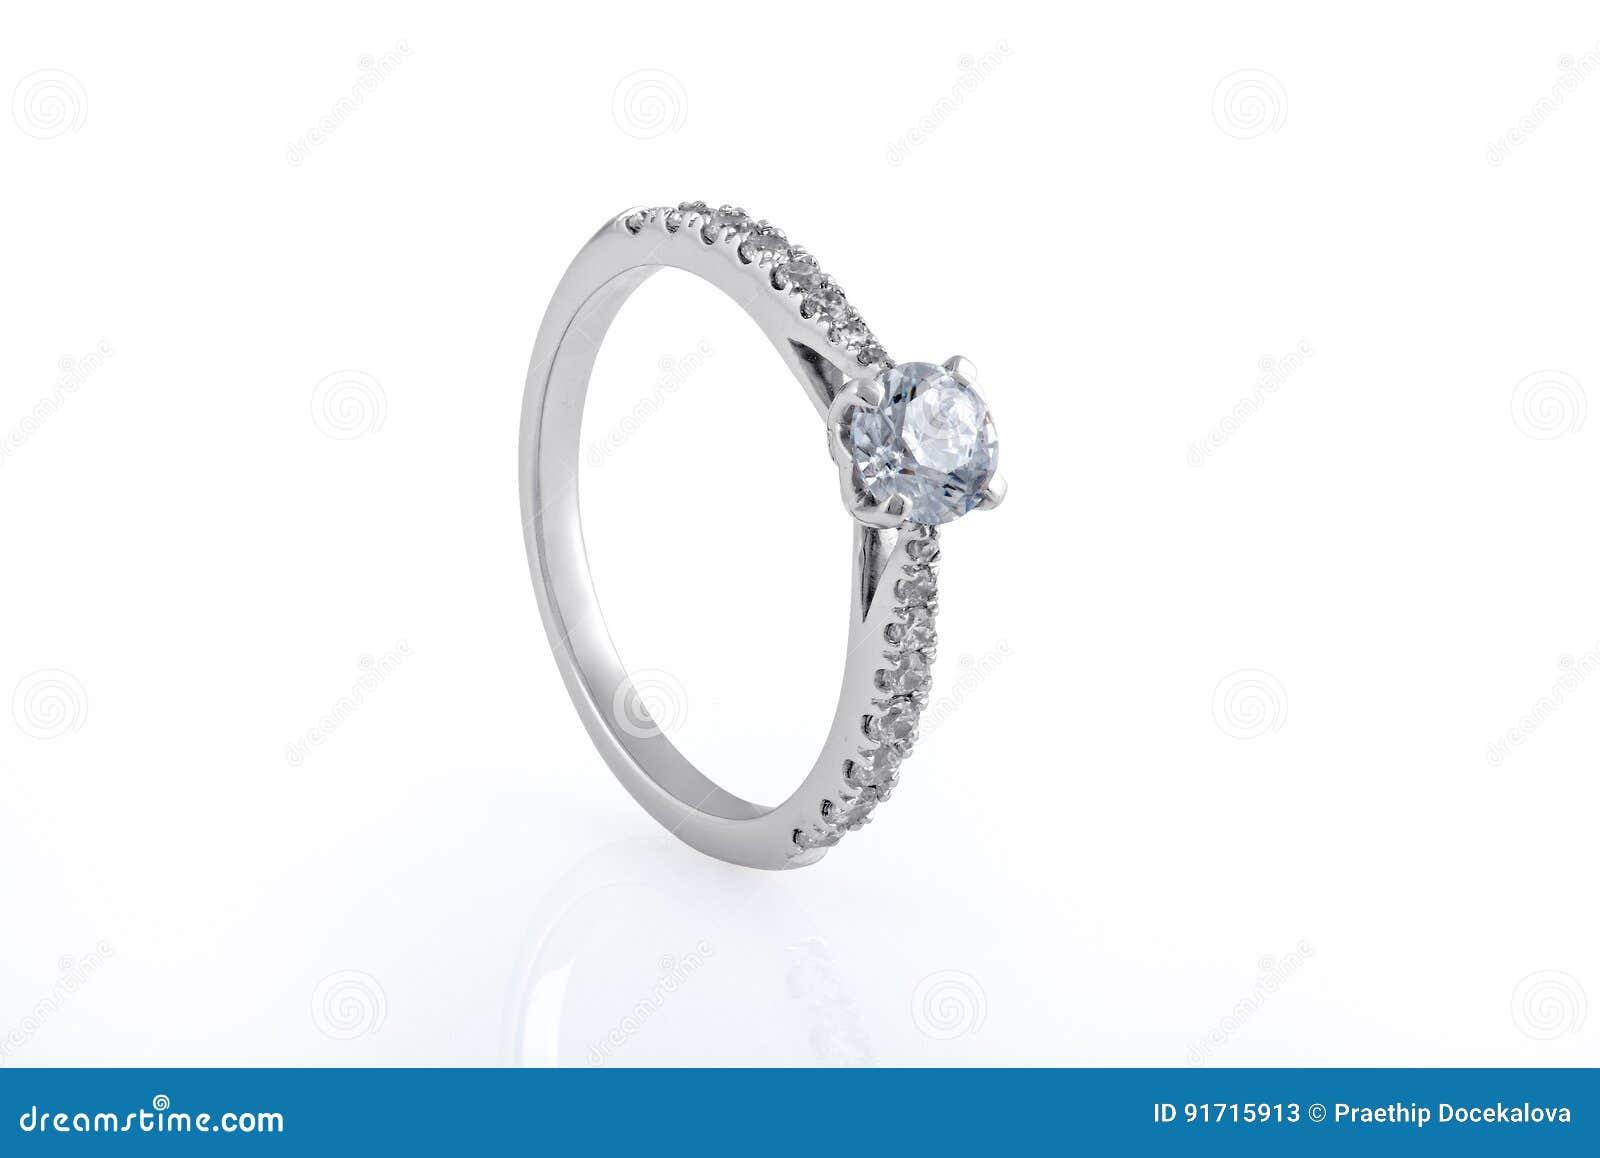 Свадьба белого золота, обручальные кольца с диамантами